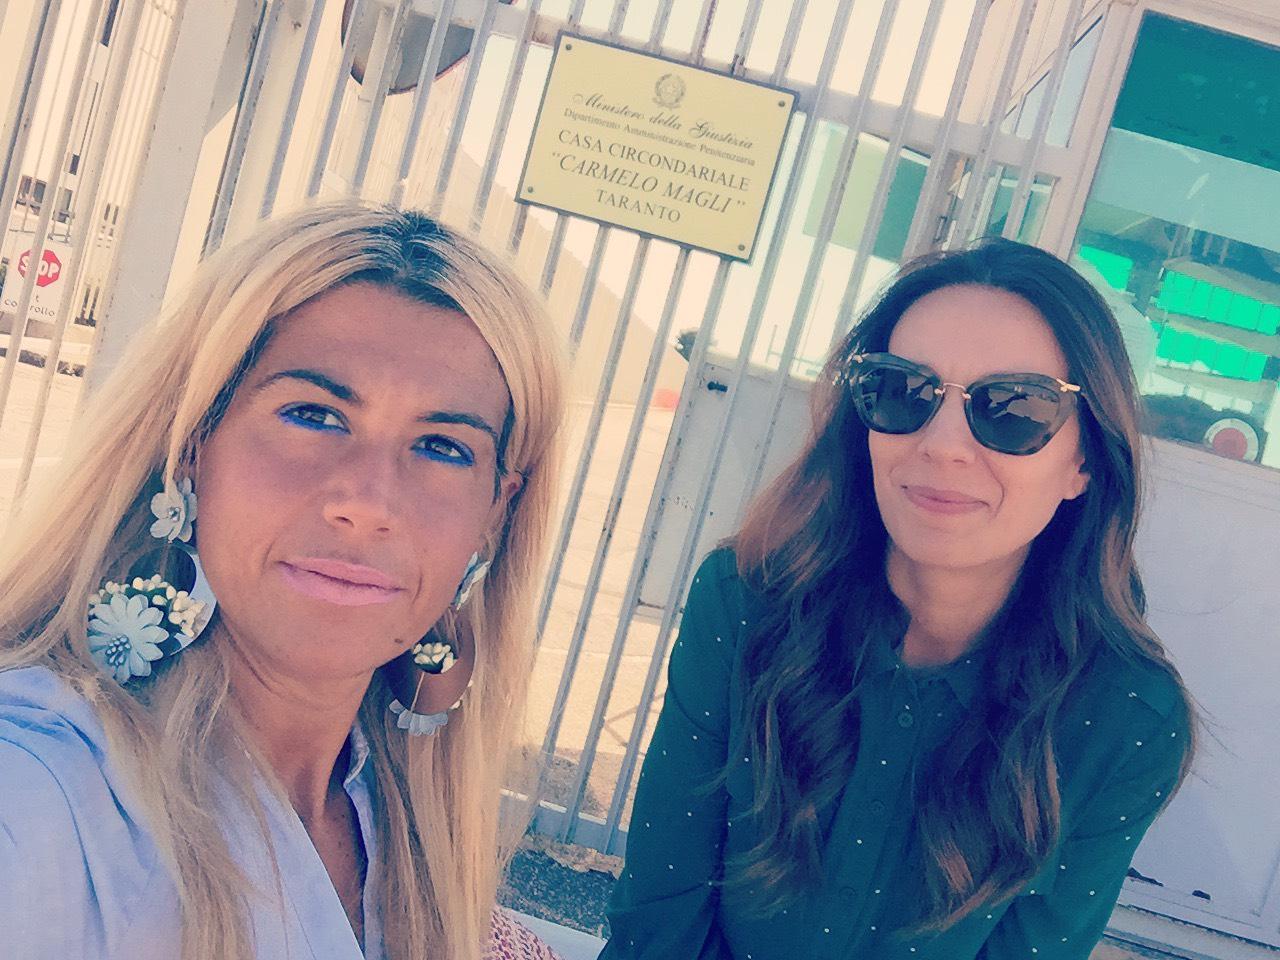 Carcere Taranto. Radicali italiani: Annarita Digiorgio in visita all istituto magli con il consigliere regionale Franzoso